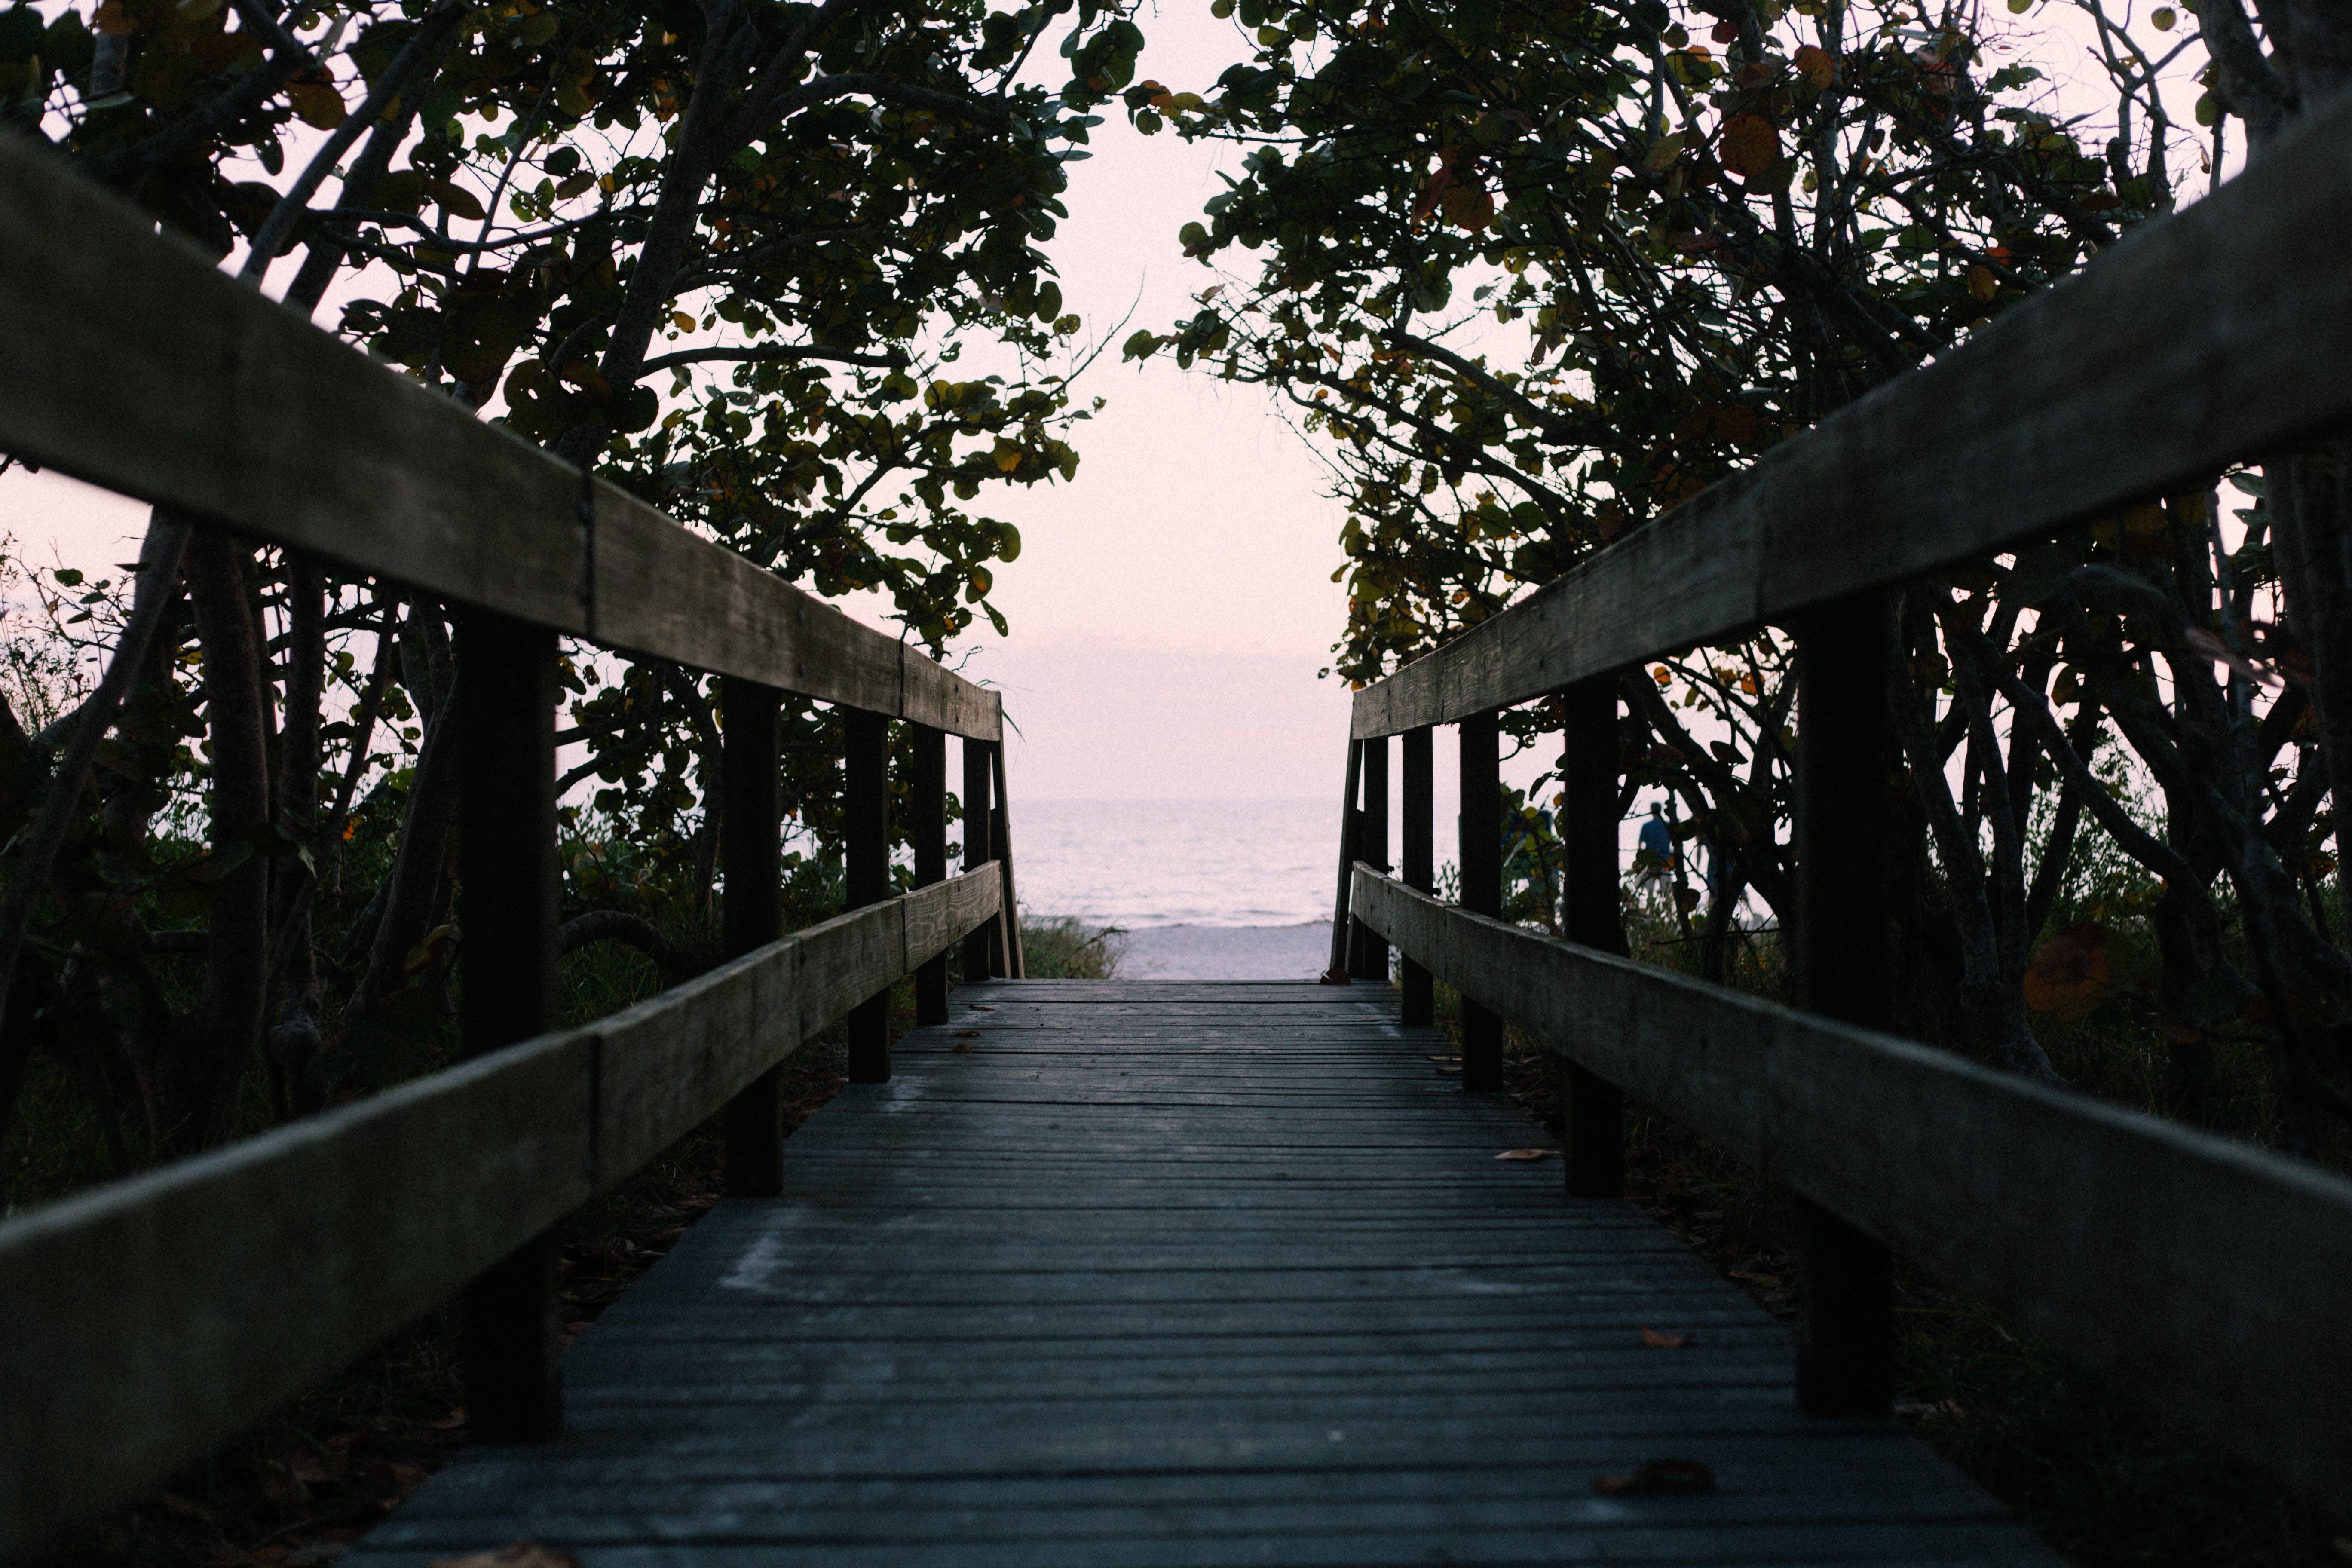 Empty Brown Wooden Bridge